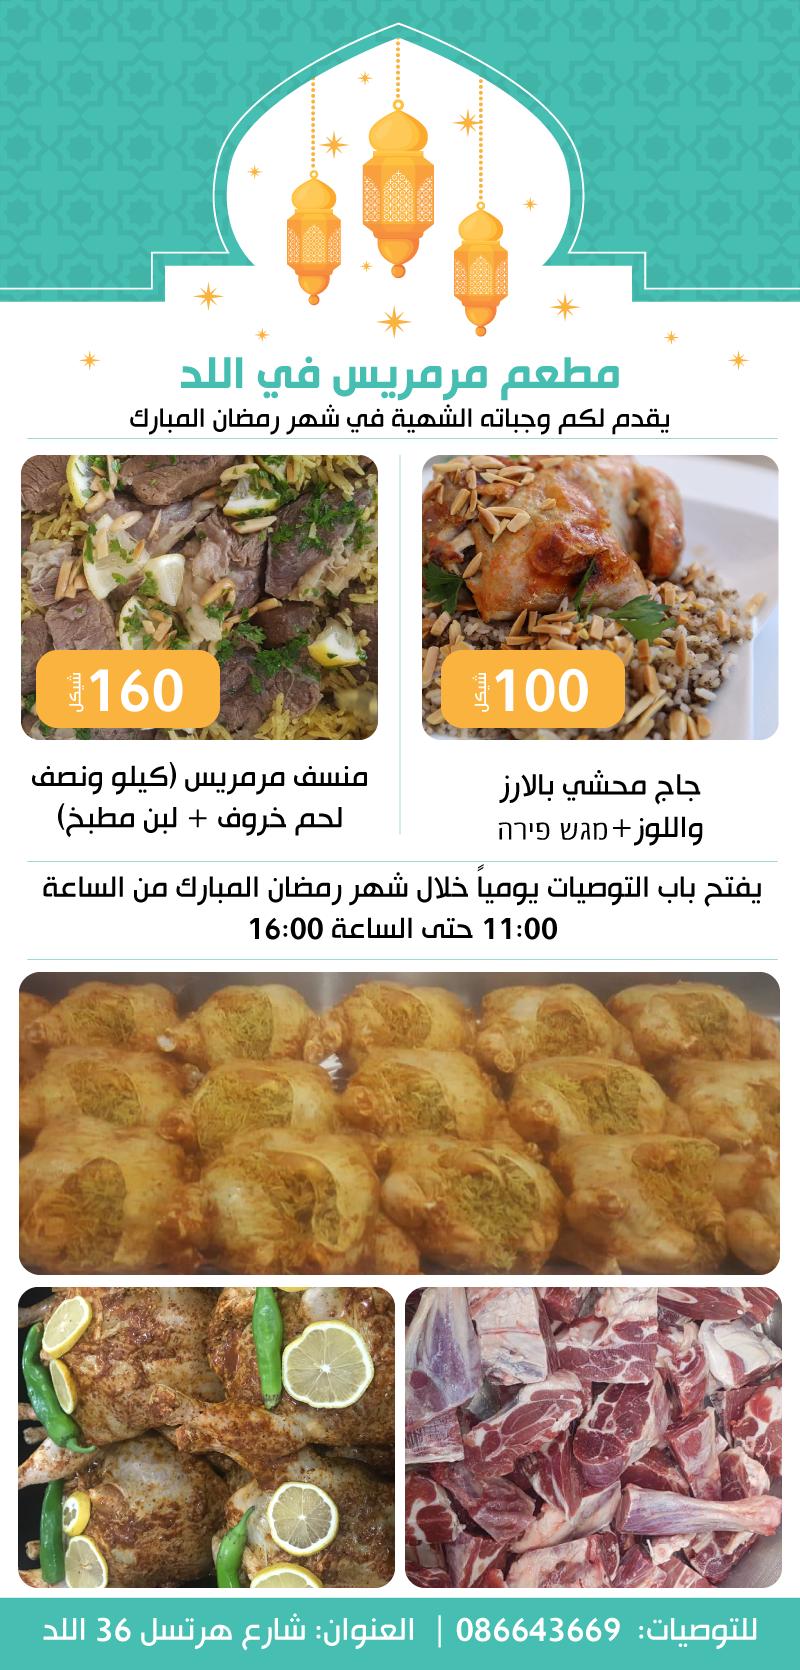 للتوصية - مطعم مرميس في اللد يقدم لكم وجباته الشهية في رمضان